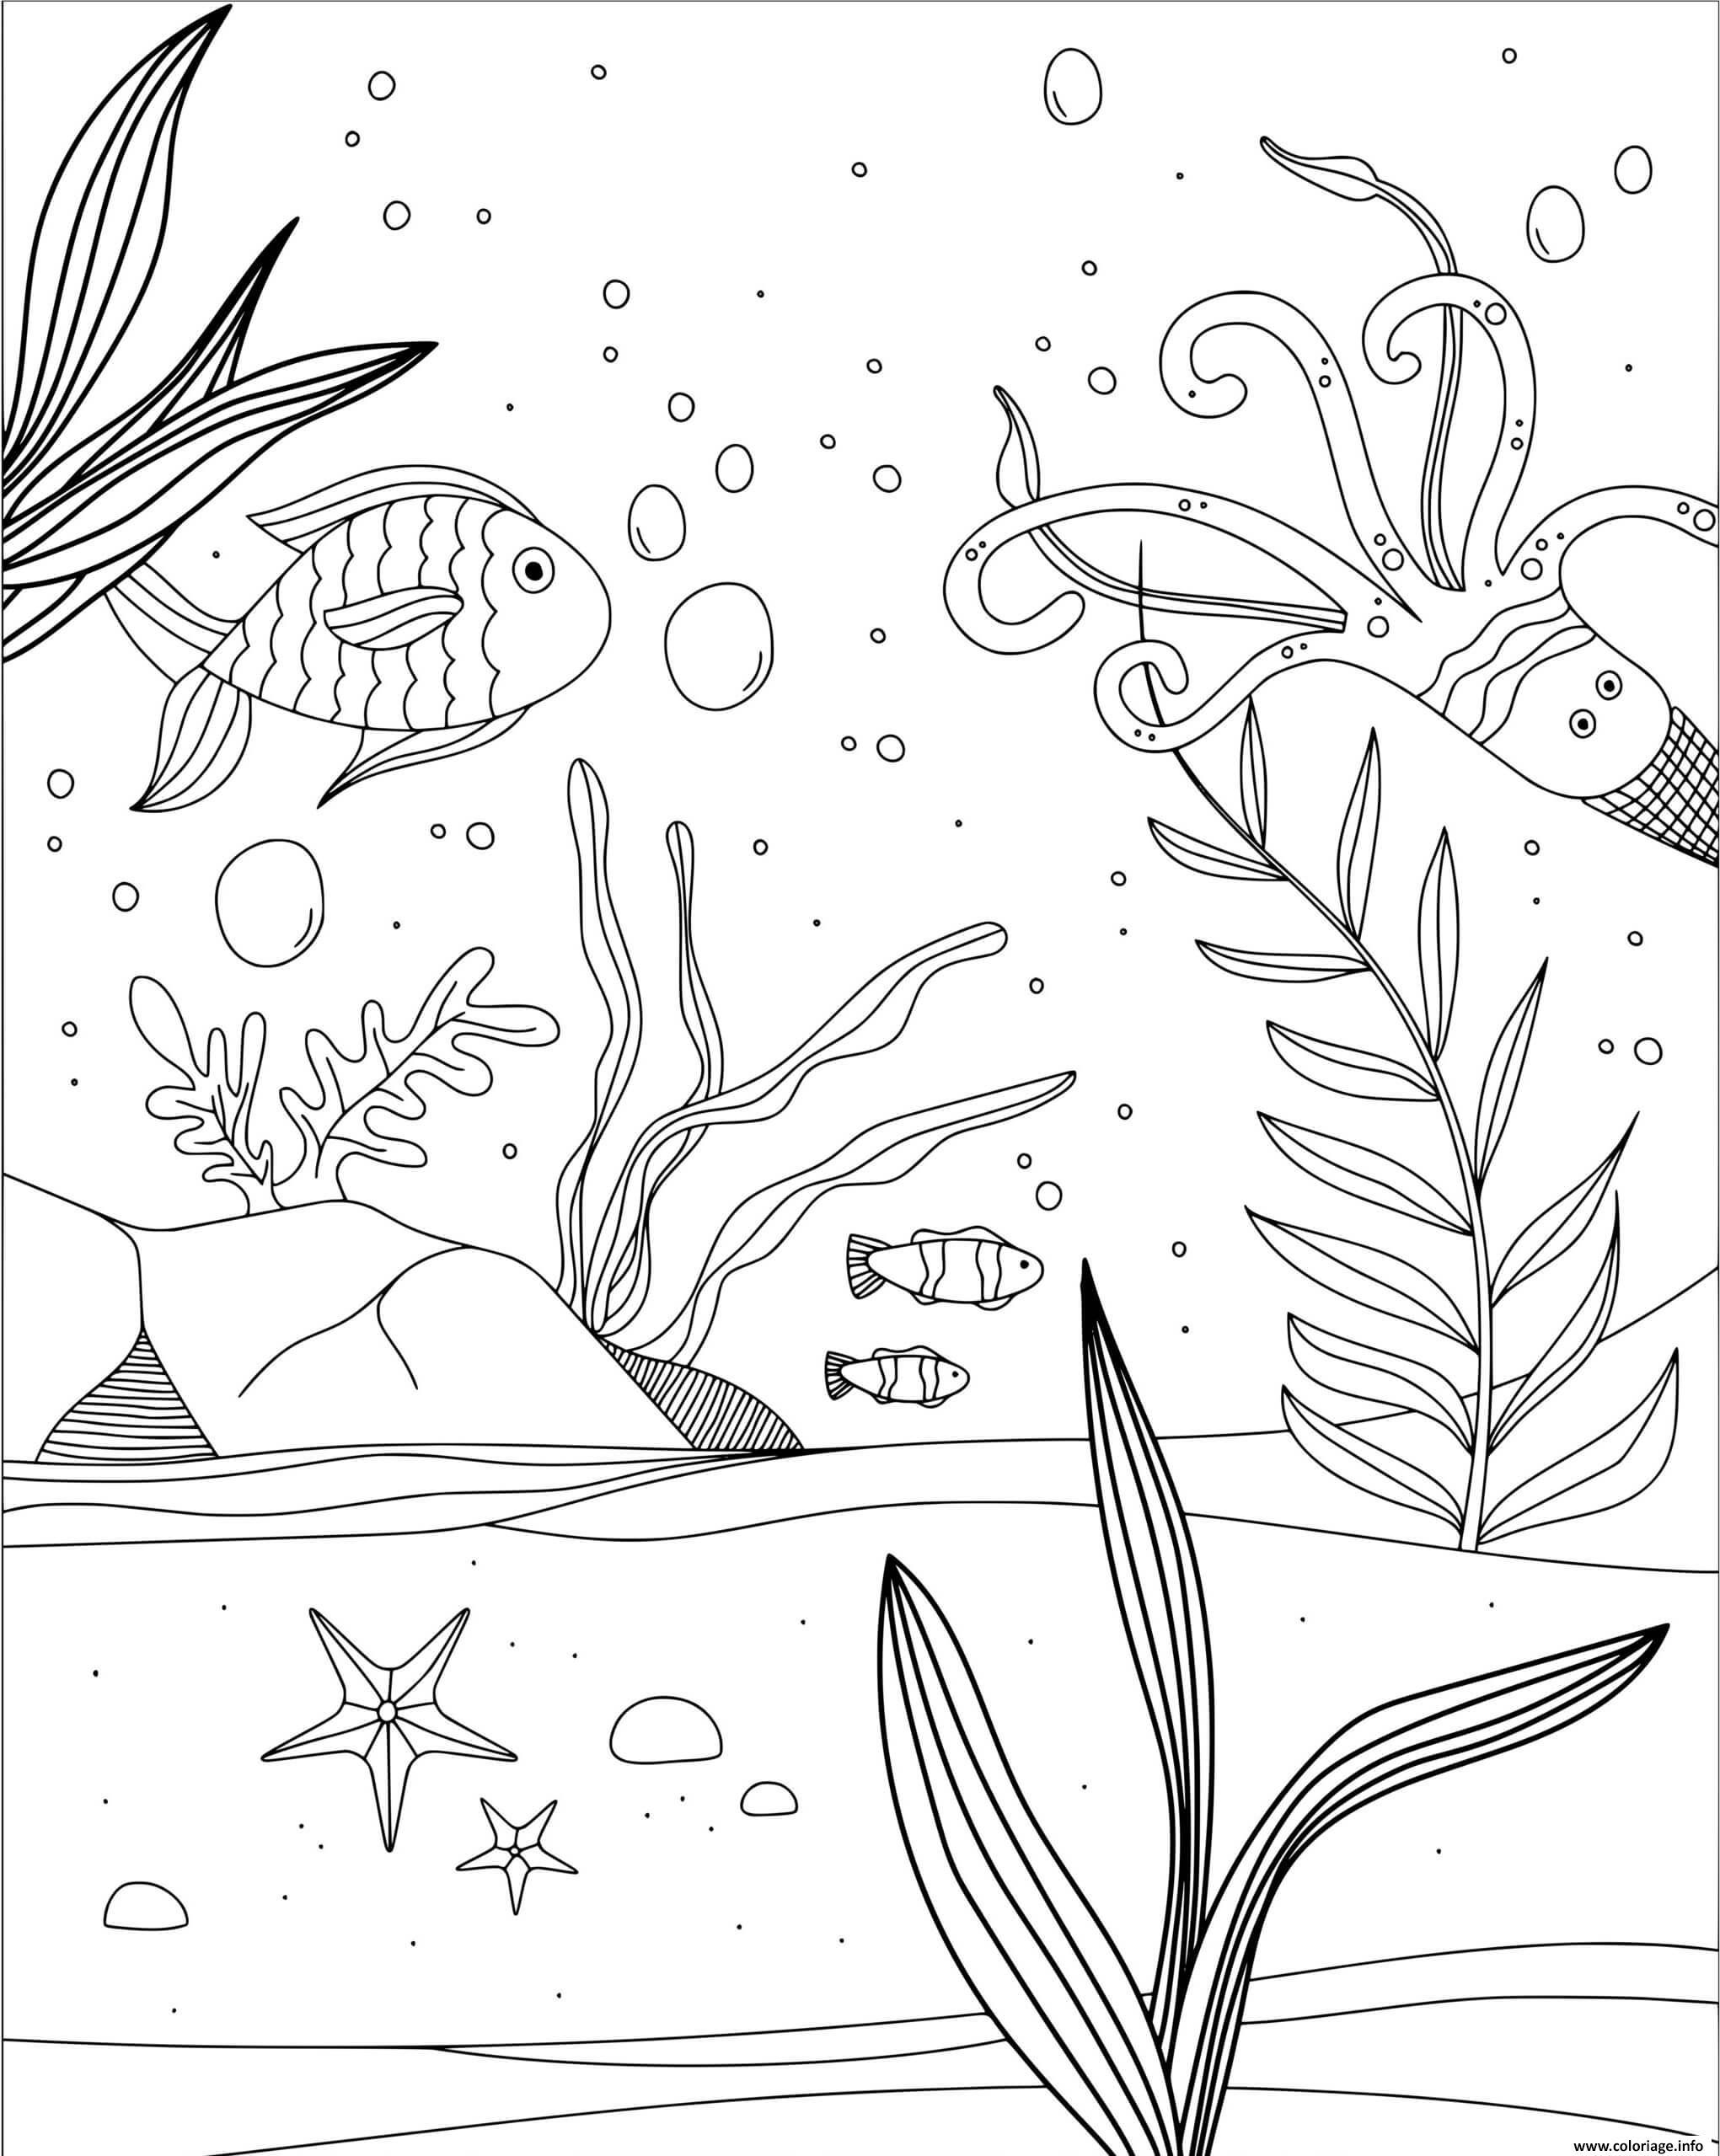 Coloriage Fond Marin Algues Et Poissons De Mer Dessin Mer à imprimer